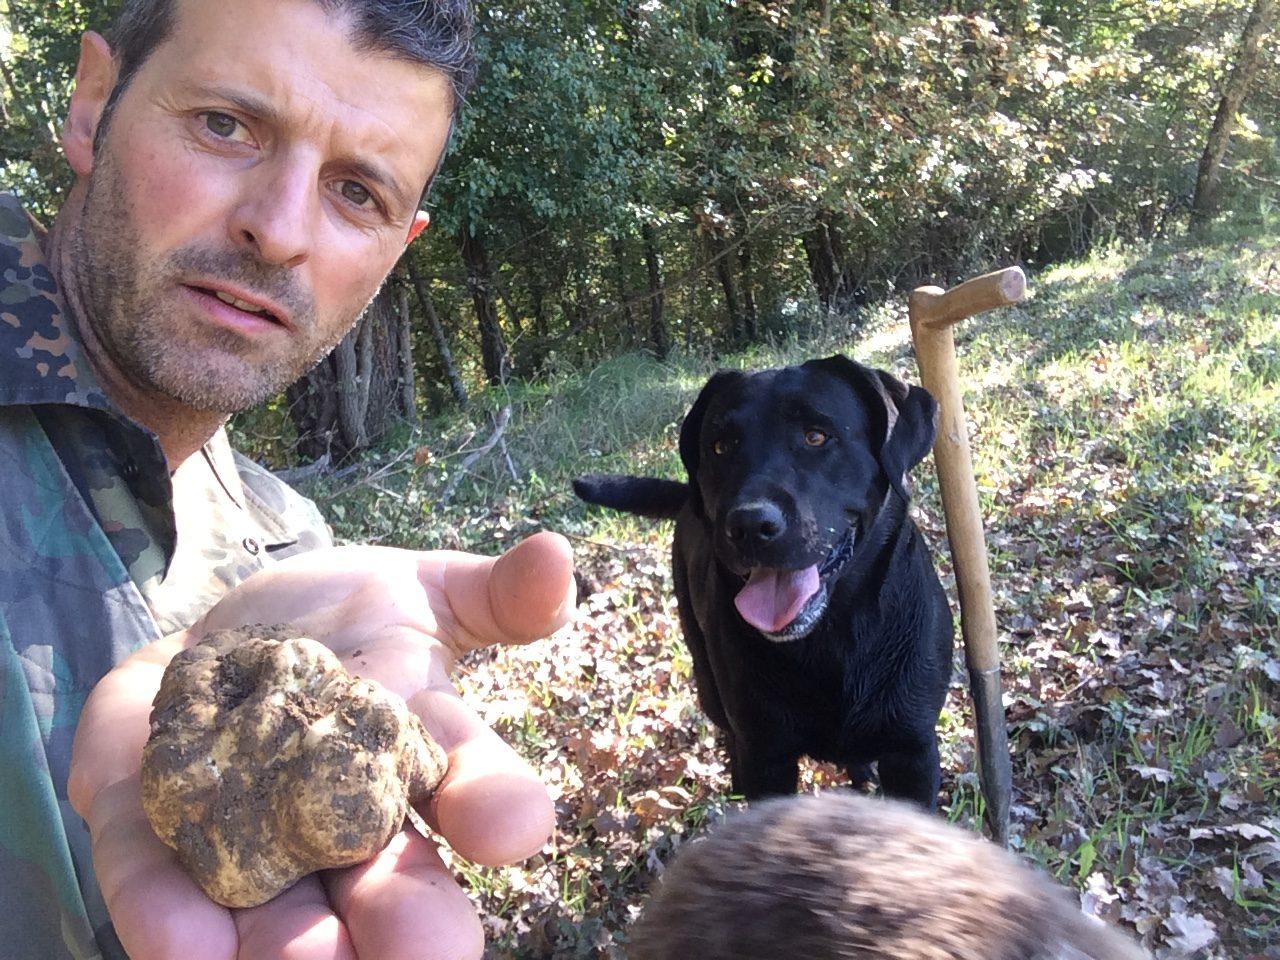 Alessandro di Siena Tartufi mostra il bel tartufo bianco appena trovato da Moka durante truffle hunting